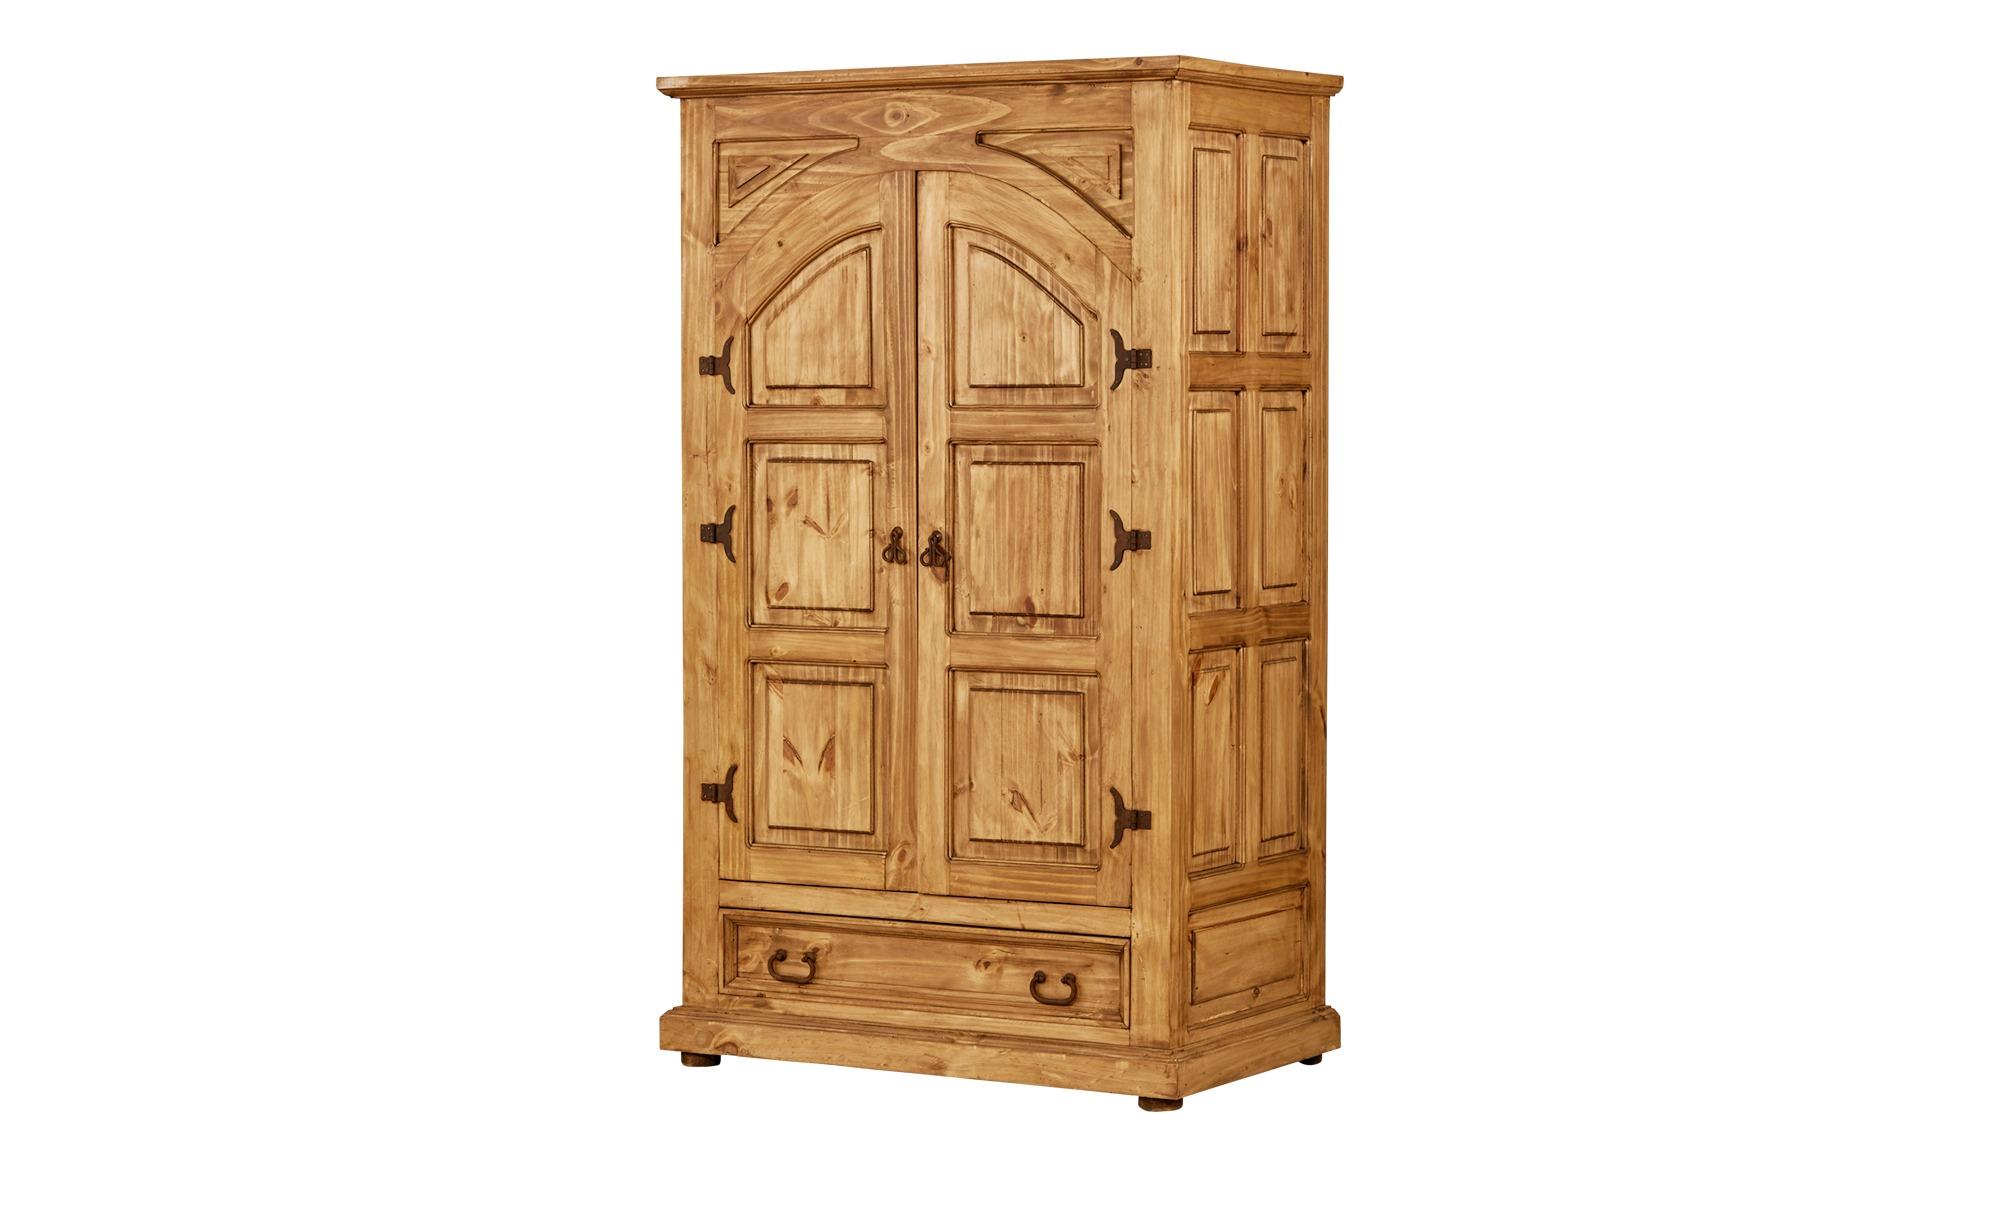 schrank mexicana breite 108 cm h he 184 cm holzfarben online kaufen bei woonio. Black Bedroom Furniture Sets. Home Design Ideas